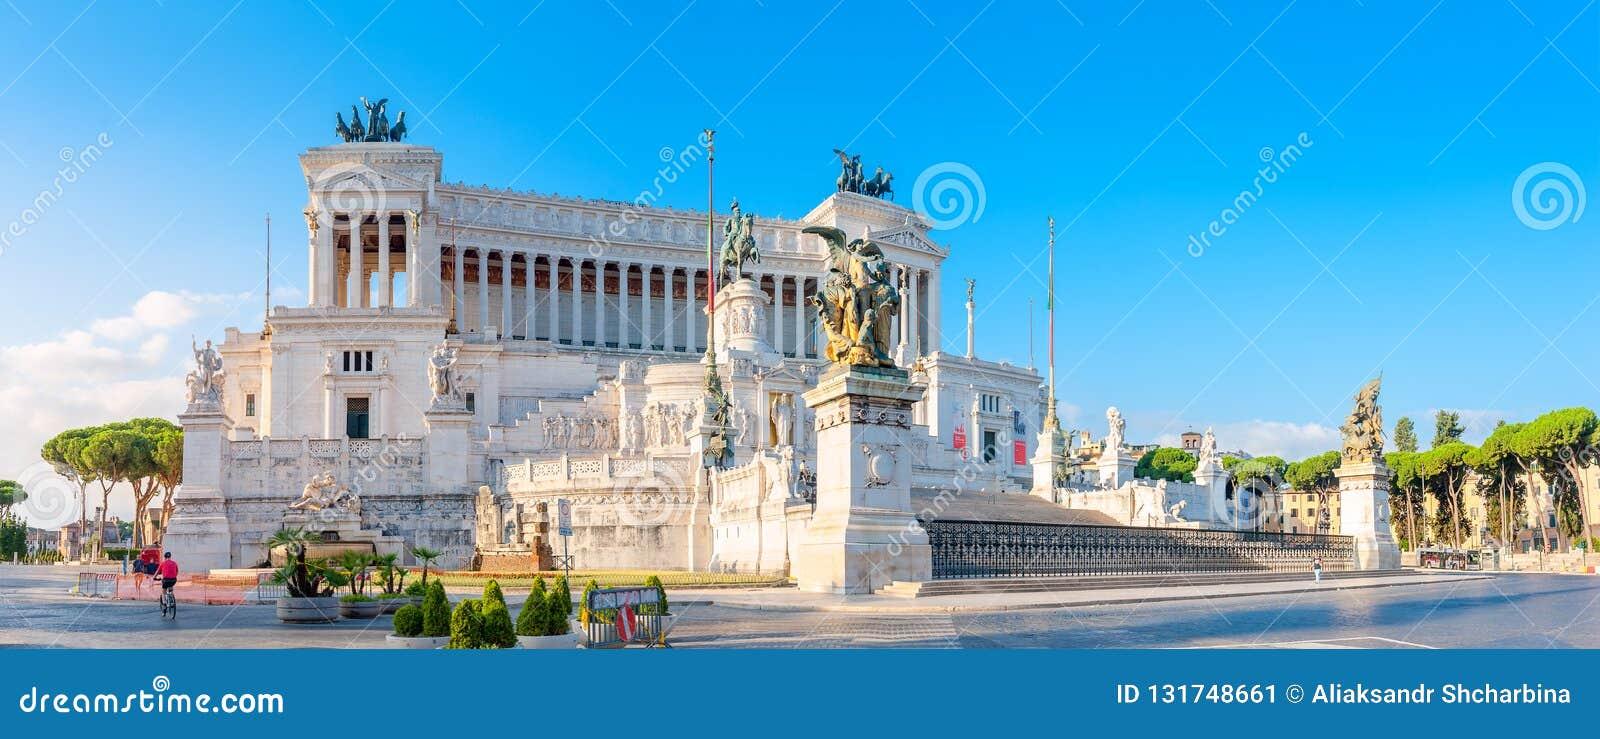 Panoramico del monumento di Victor Emmanuel II a Venezia Squara ad alba